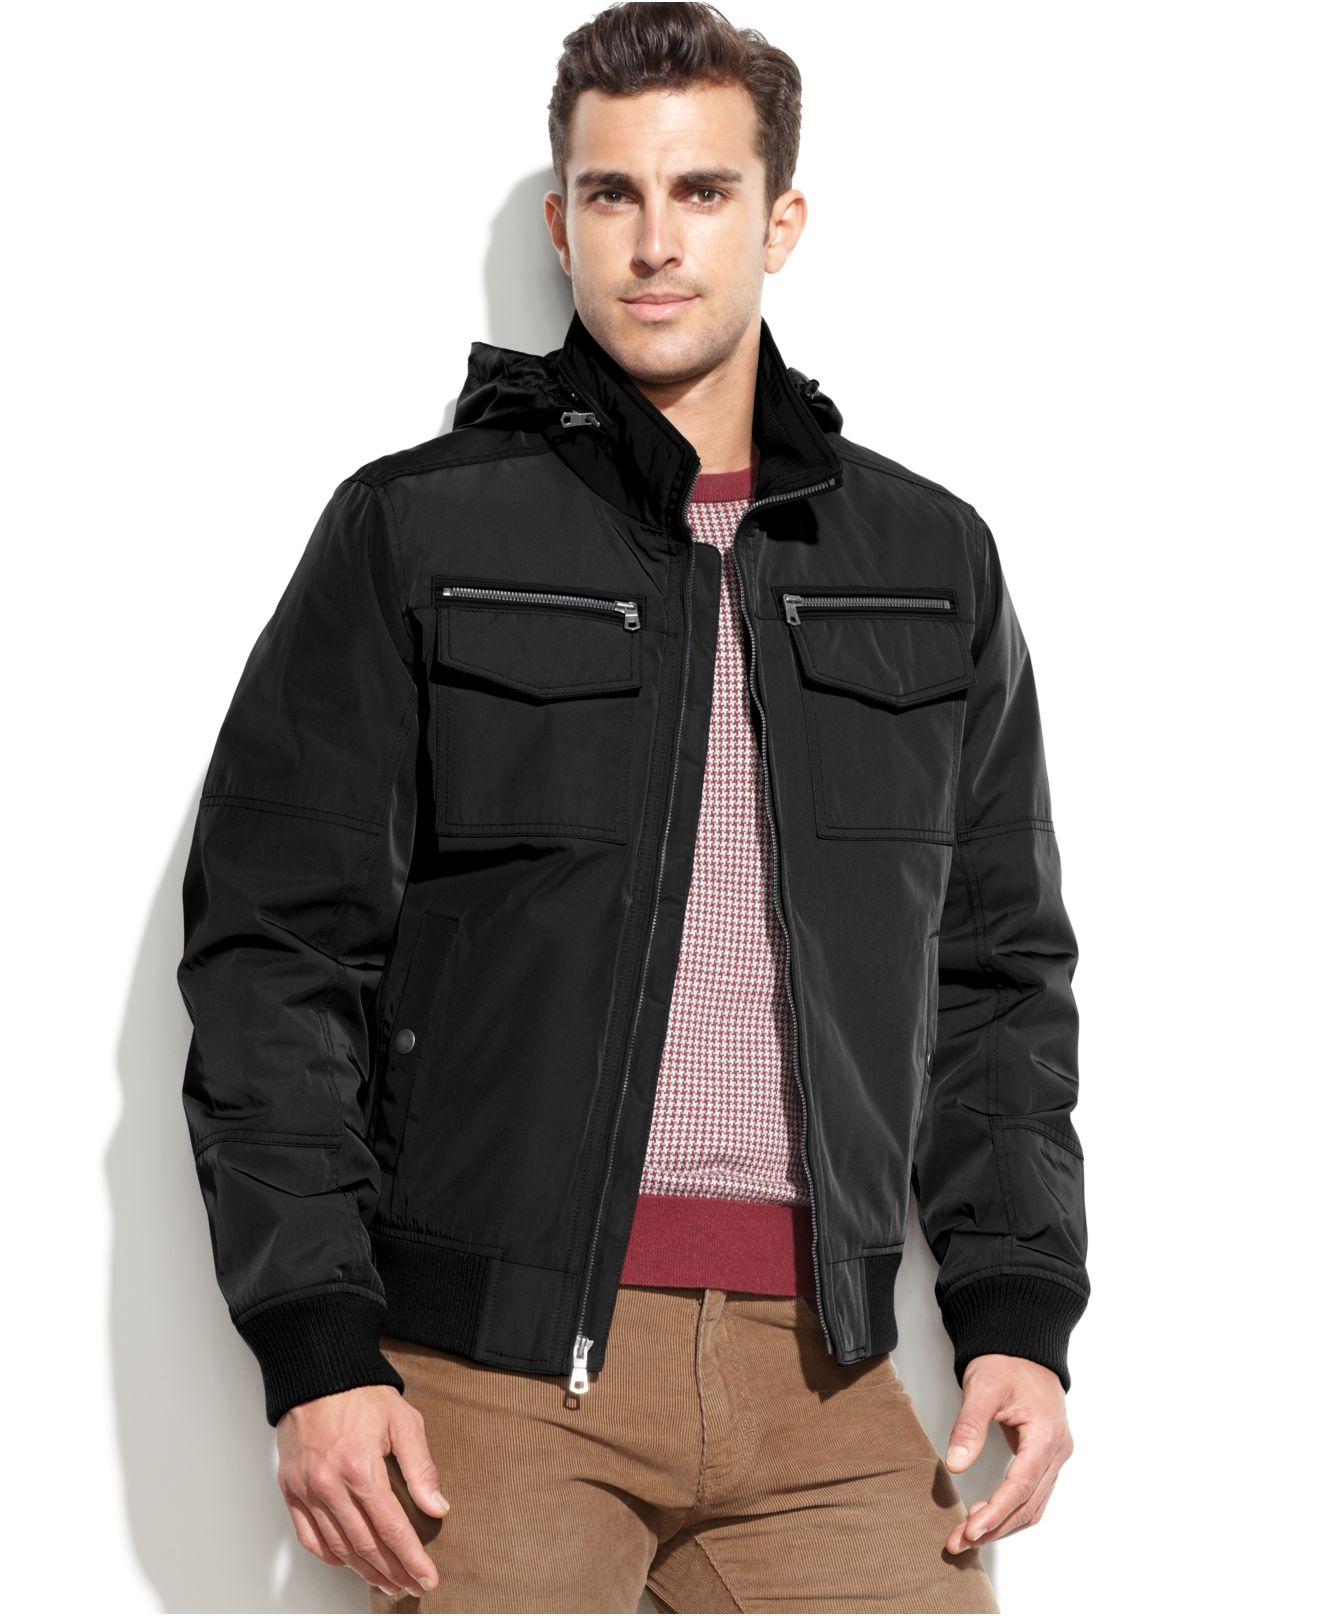 tommy hilfiger hooded bomber jacket in black for men lyst. Black Bedroom Furniture Sets. Home Design Ideas